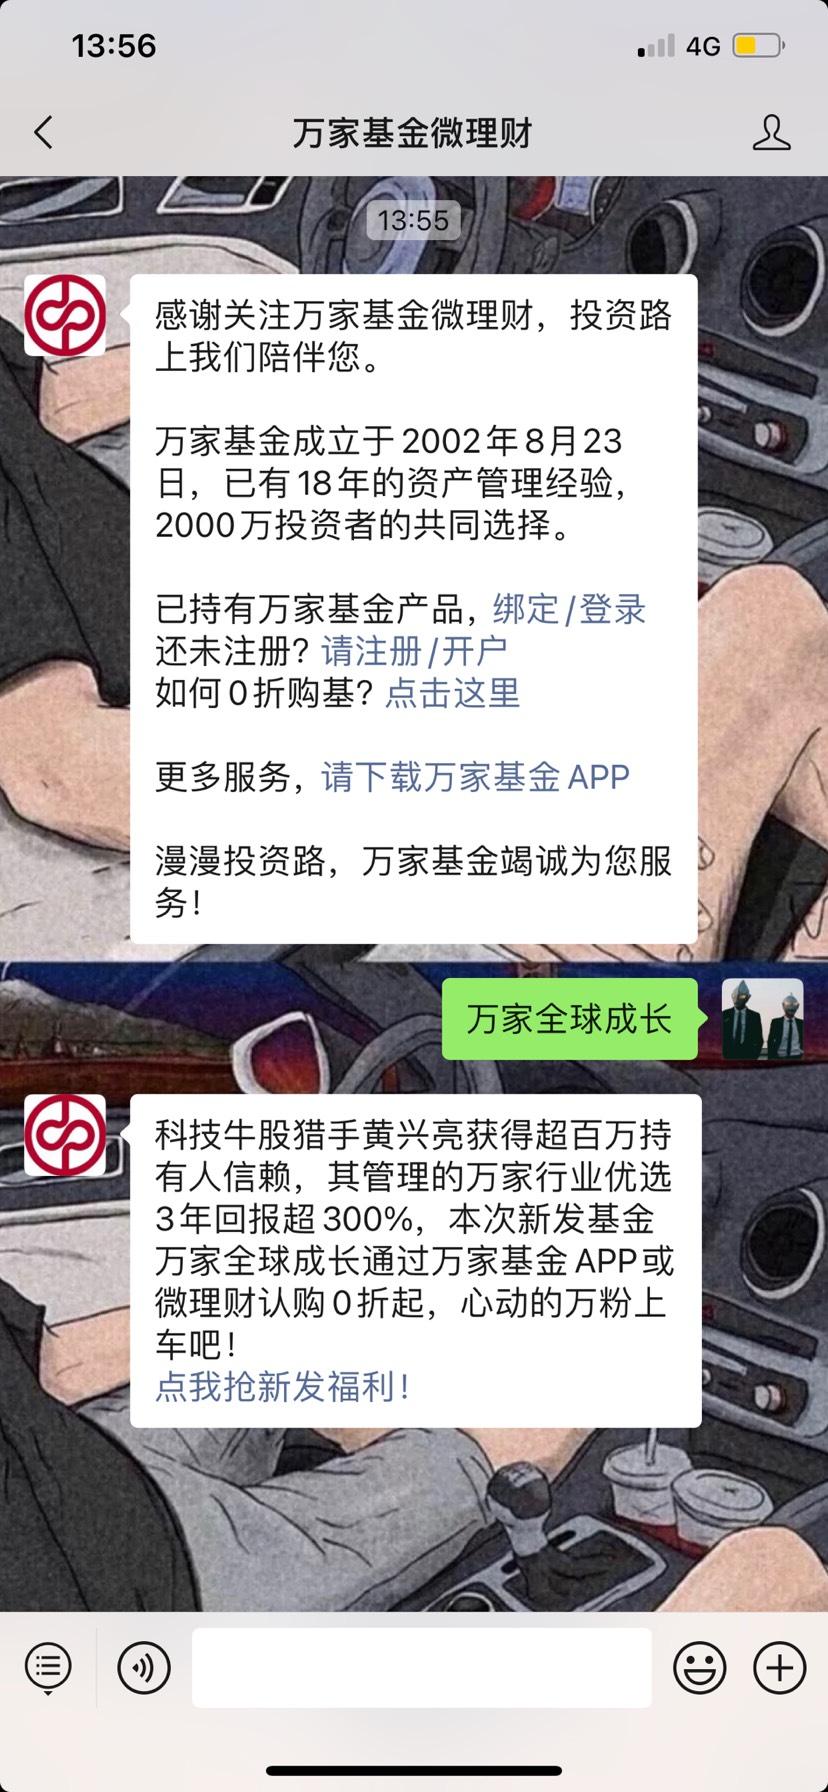 【现金红包】万家基金微资产管理抽红包插图